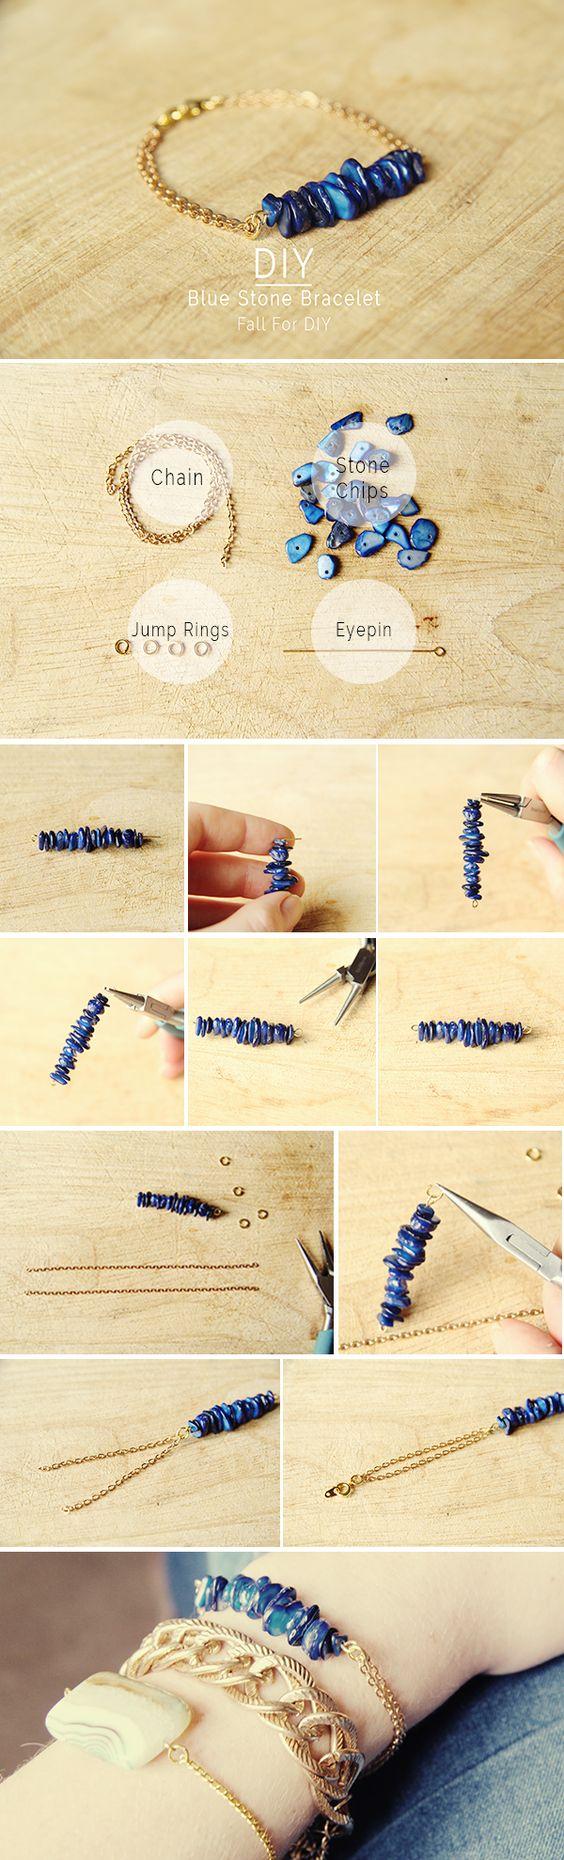 #tutoriels #collier #necklace #DIY pour vous aider à réaliser vous-même vos #créations vos #bijoux Vous trouverez tout le #matériel nécessaire sur notre site de #professionnels #cooksonclal http://www.cookson-clal.com/ DIY Blue Stone Bracelet diy crafts craft ideas easy crafts diy ideas crafty easy diy diy jewelry diy bracelet craft bracelet jewelry diy